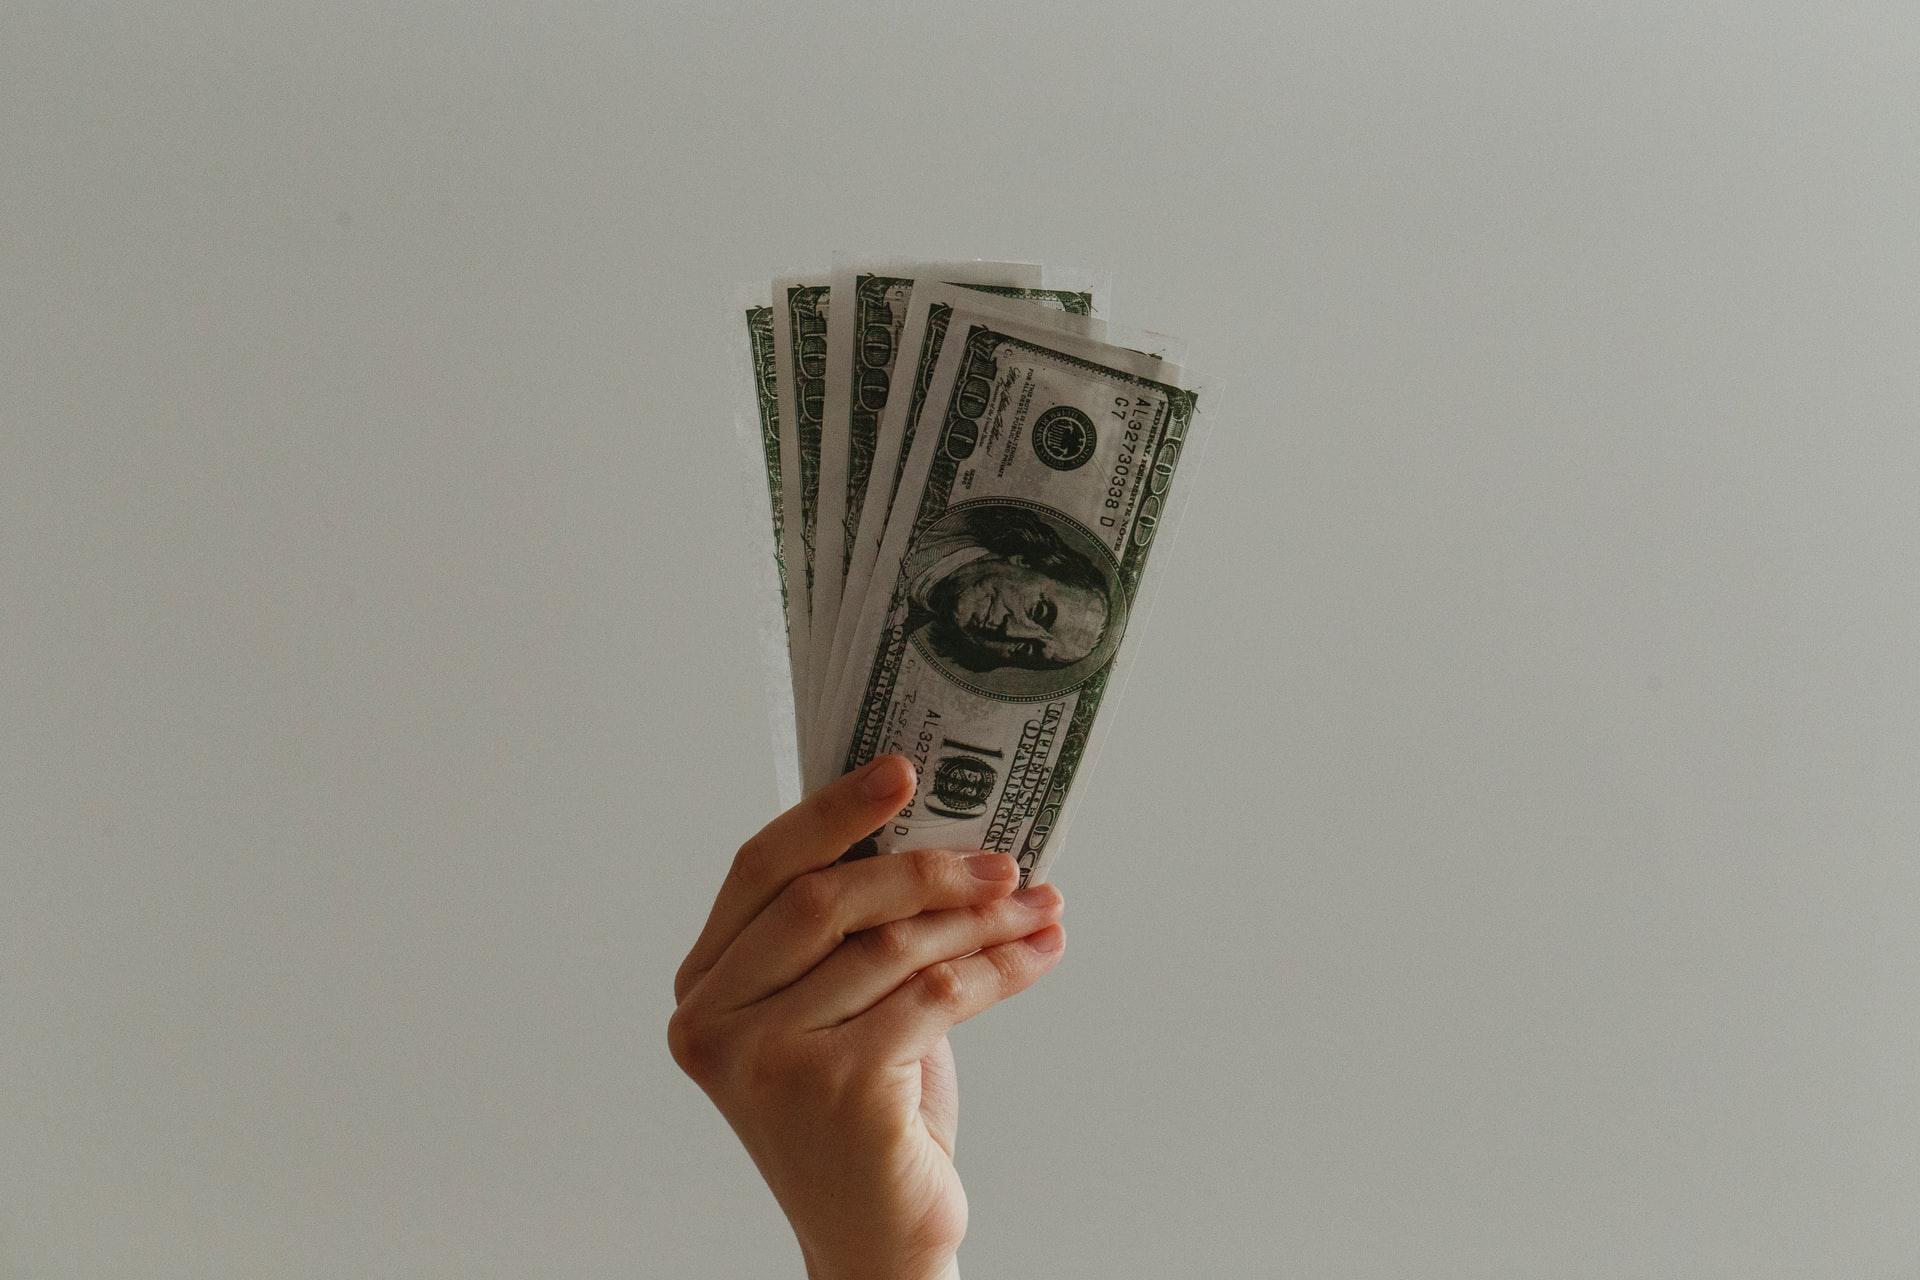 職歴なしでも期間工なら高収入を得られる!